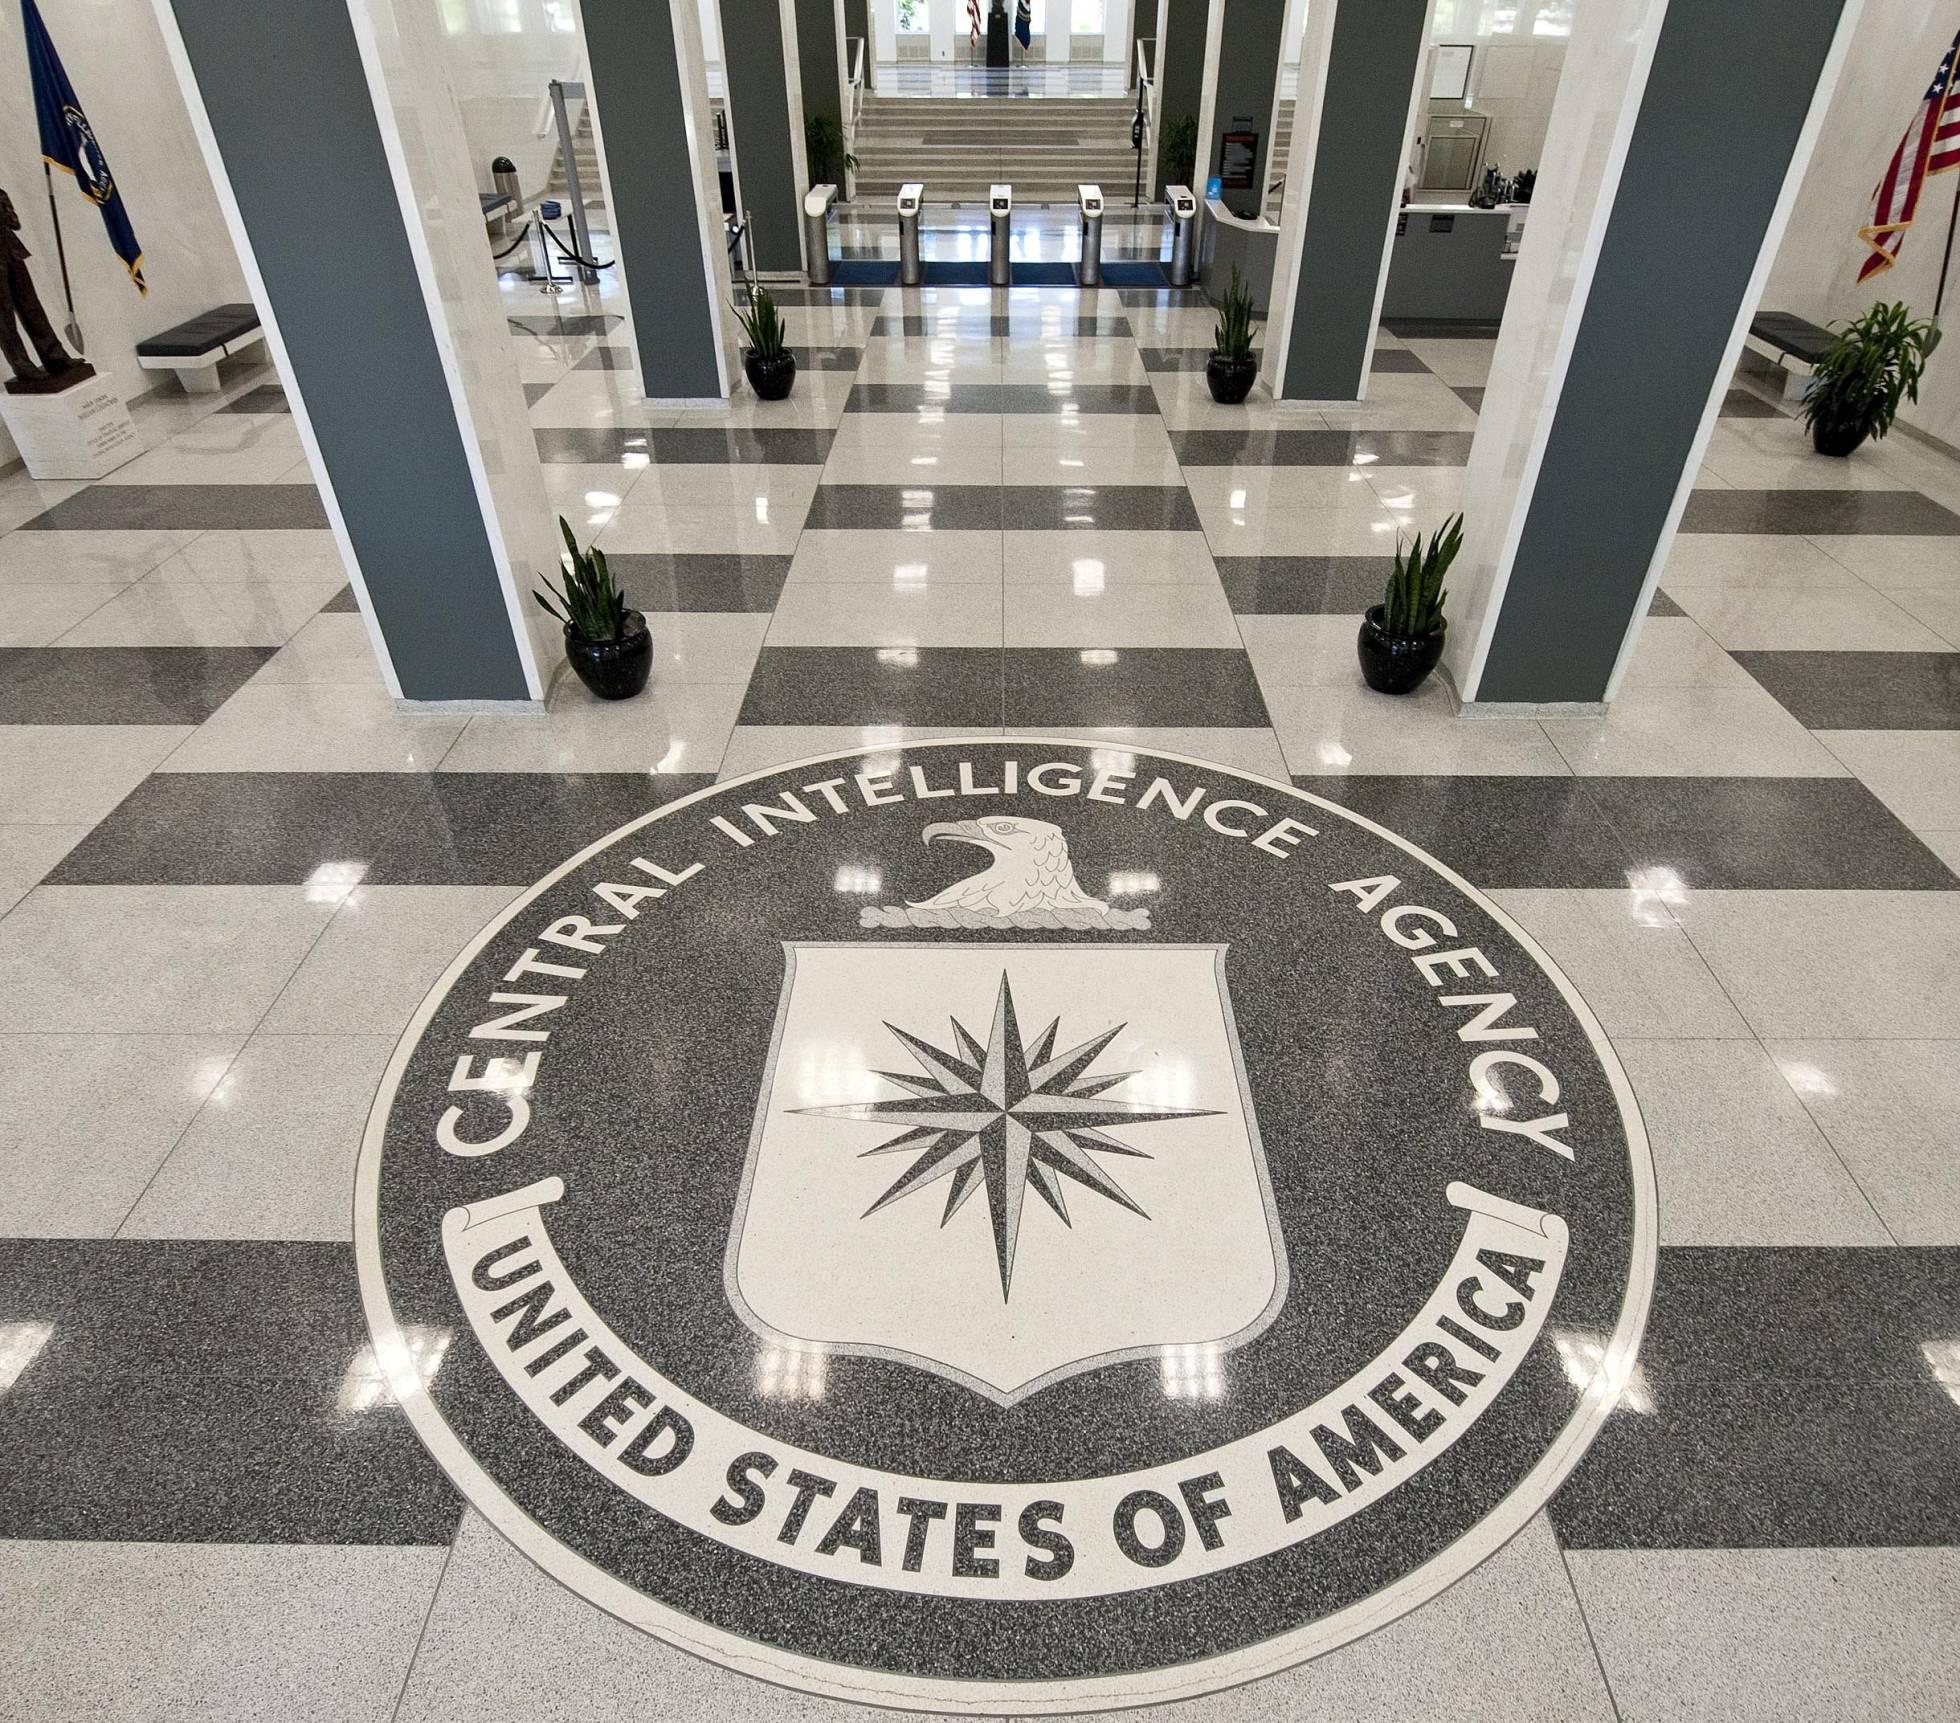 Detenido un exagente de la CIA por sospechas de colaborar con China